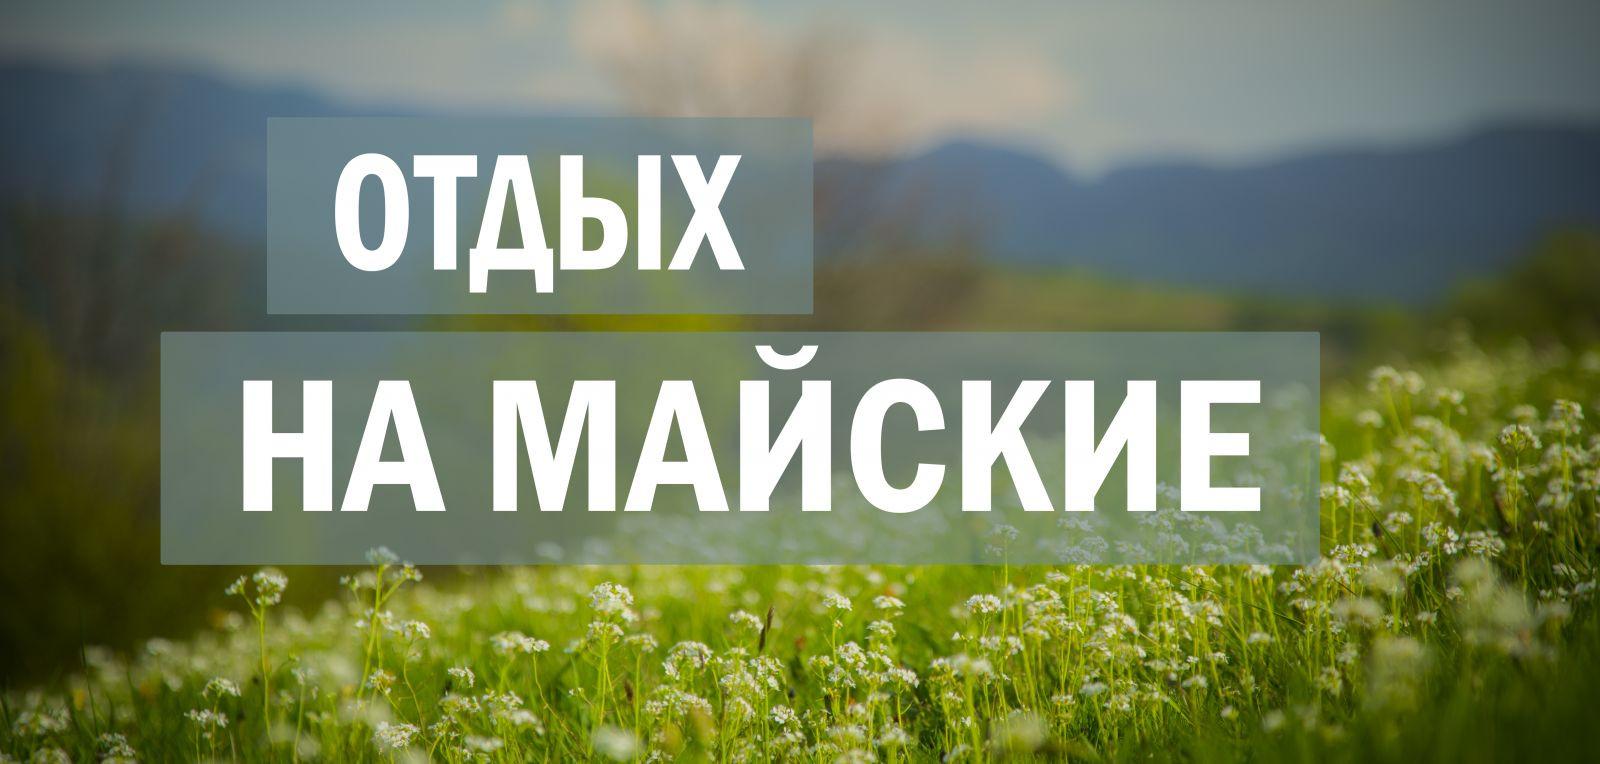 Правительство России обнародовало расписание выходных на майские праздники в 2019 году